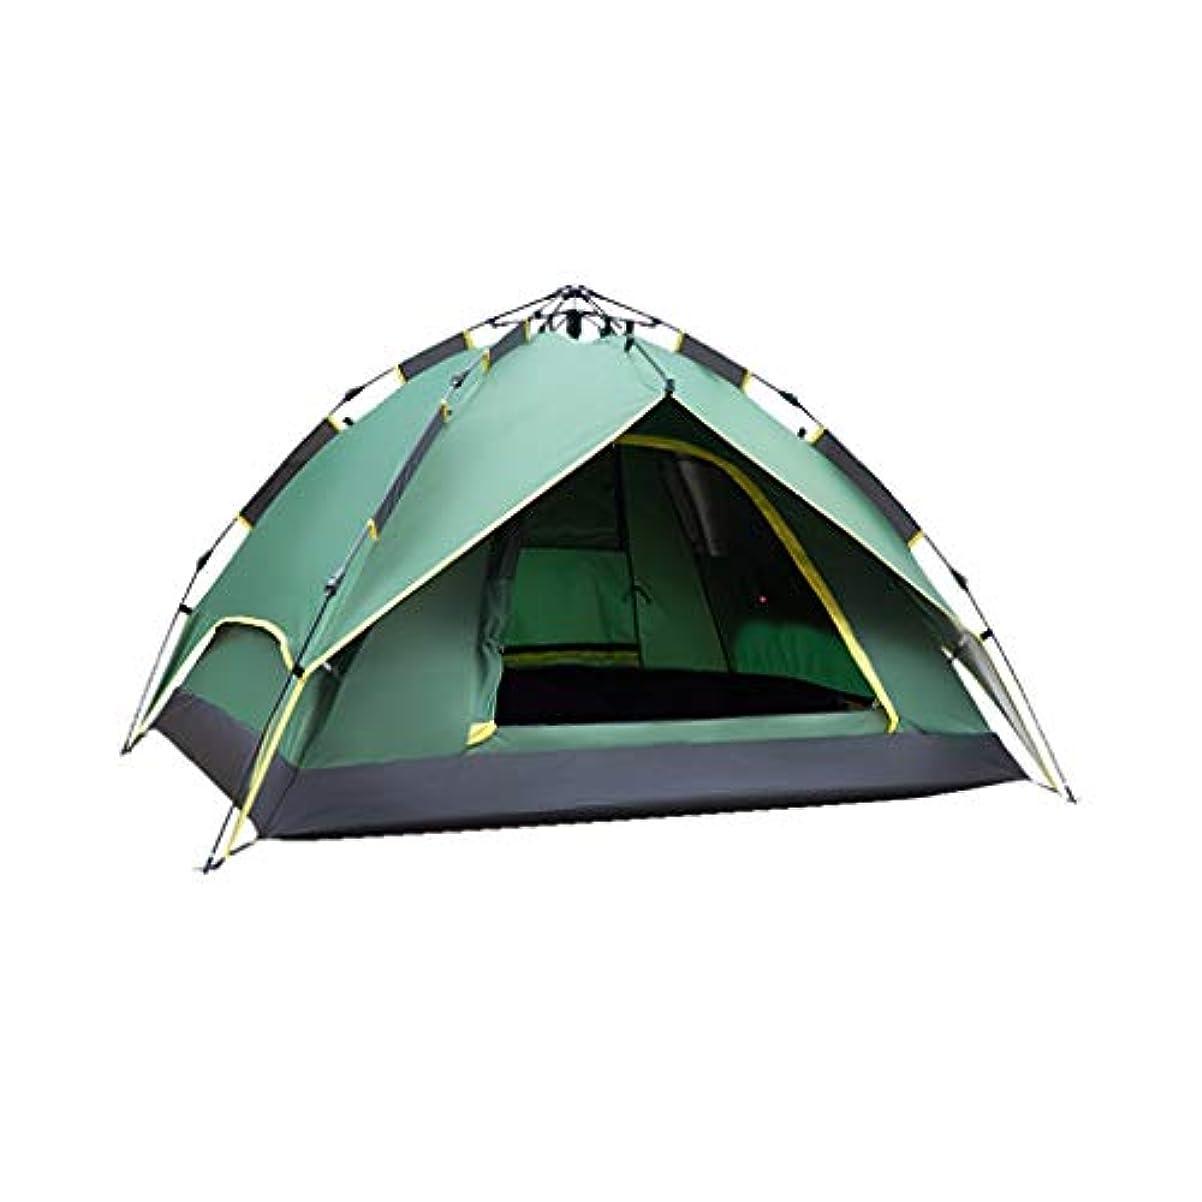 聴く飽和する熟すIDWOI キャンプのテント 現れる 防水 3-4人 ドームテント アウトドア 自動 インスタント 軽量 家族のテント、2色 (Color : Green)